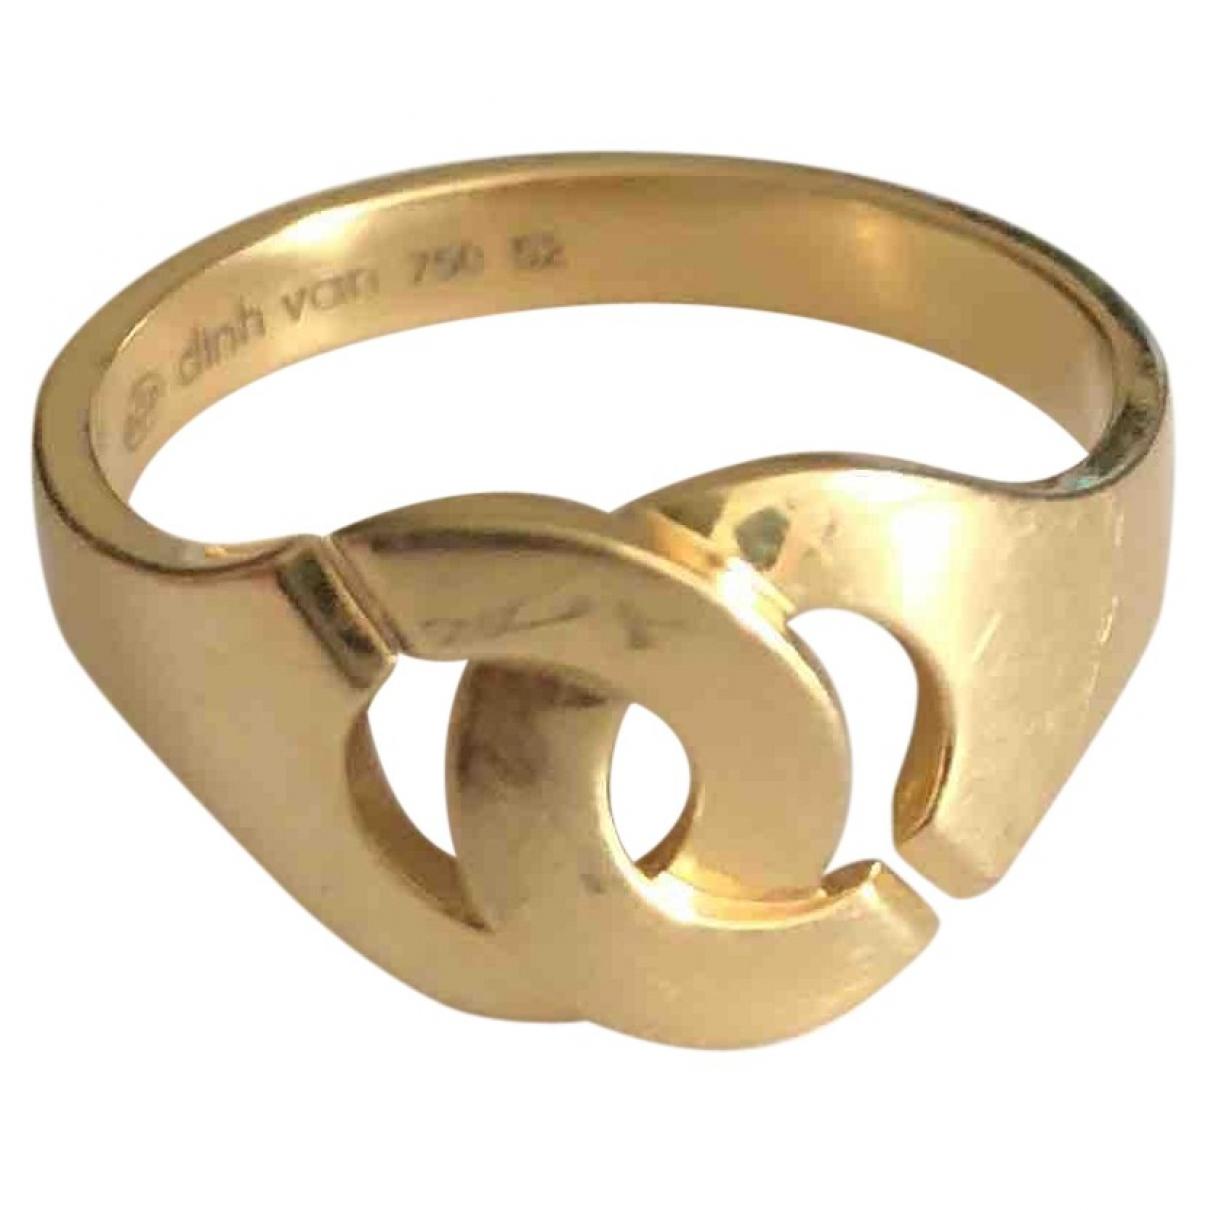 Dinh Van - Bague Menottes  pour femme en or jaune - dore